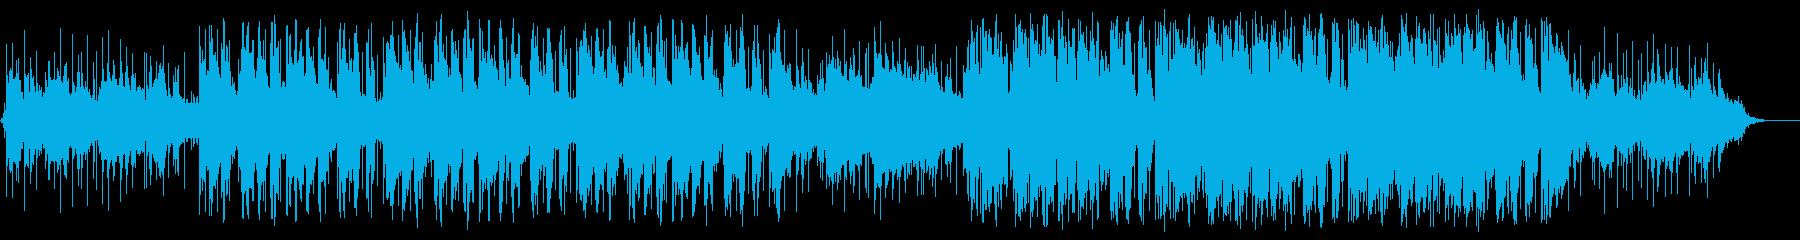 ポップロック フュージョン ジャズ...の再生済みの波形